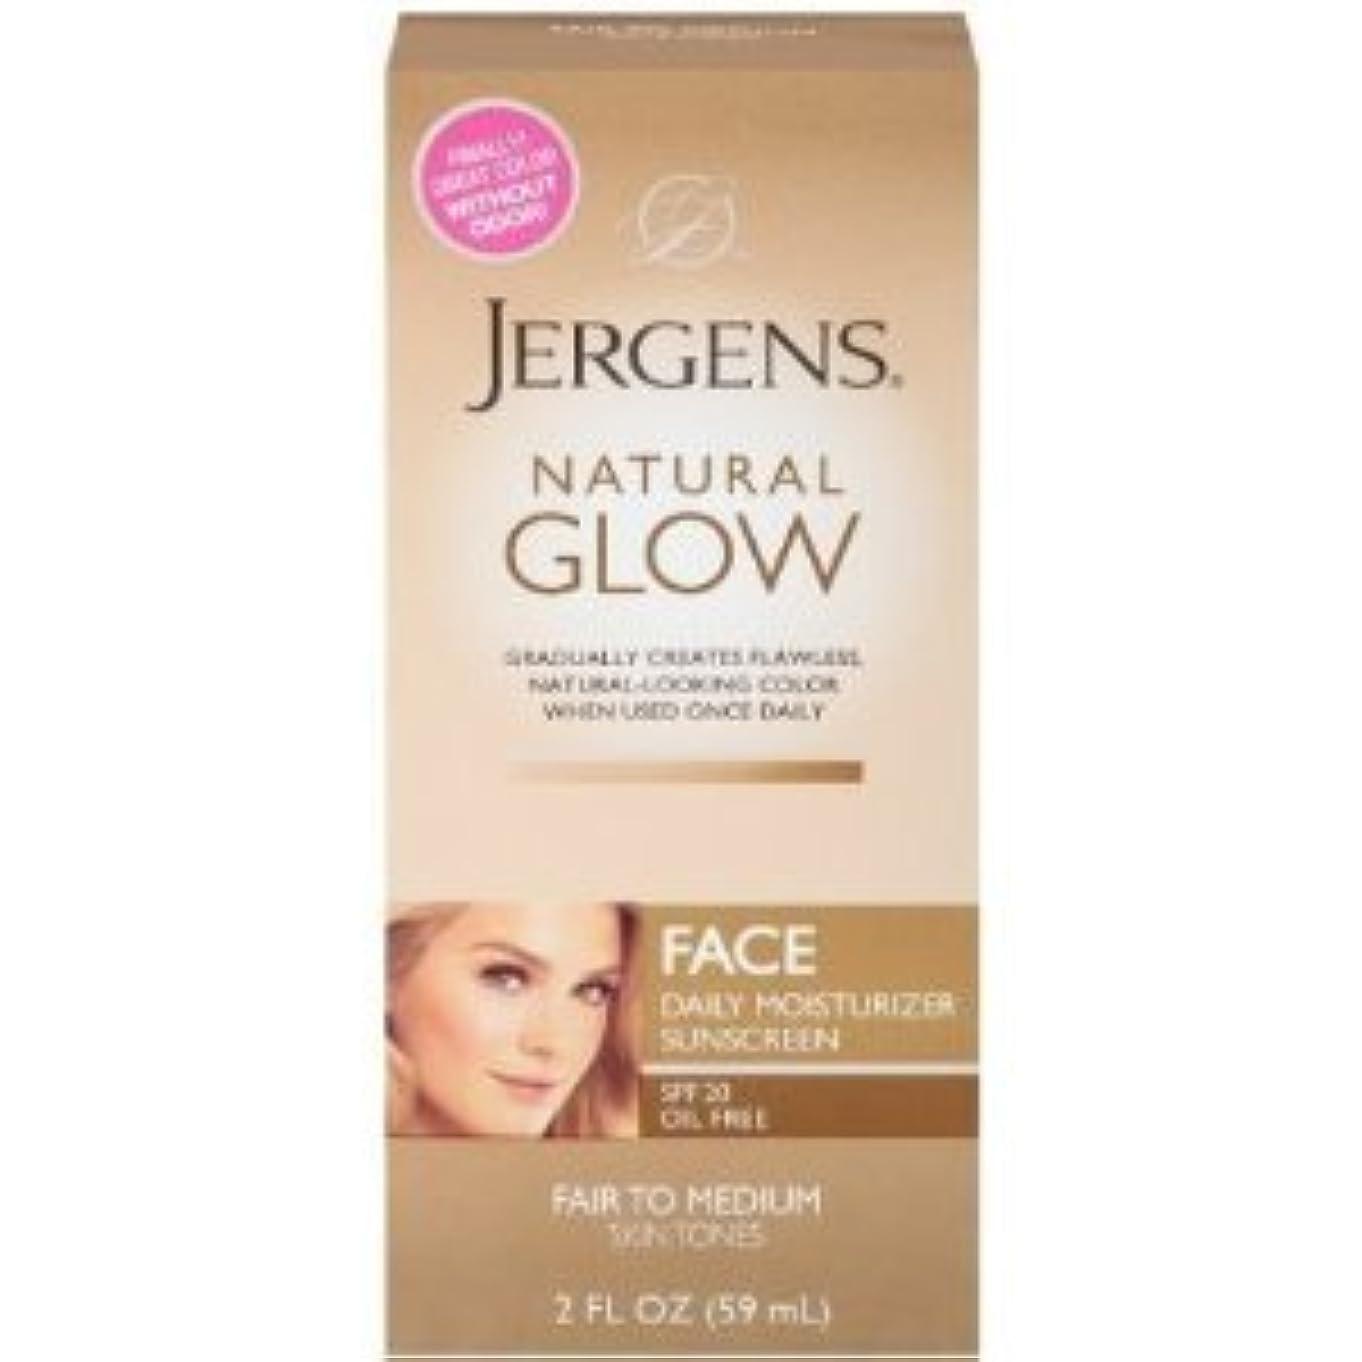 抑圧薬時計回りNatural Glow Healthy Complexion Daily Facial Moisturizer, SPF 20, Fair to Medium Tan, (59ml) (海外直送品)